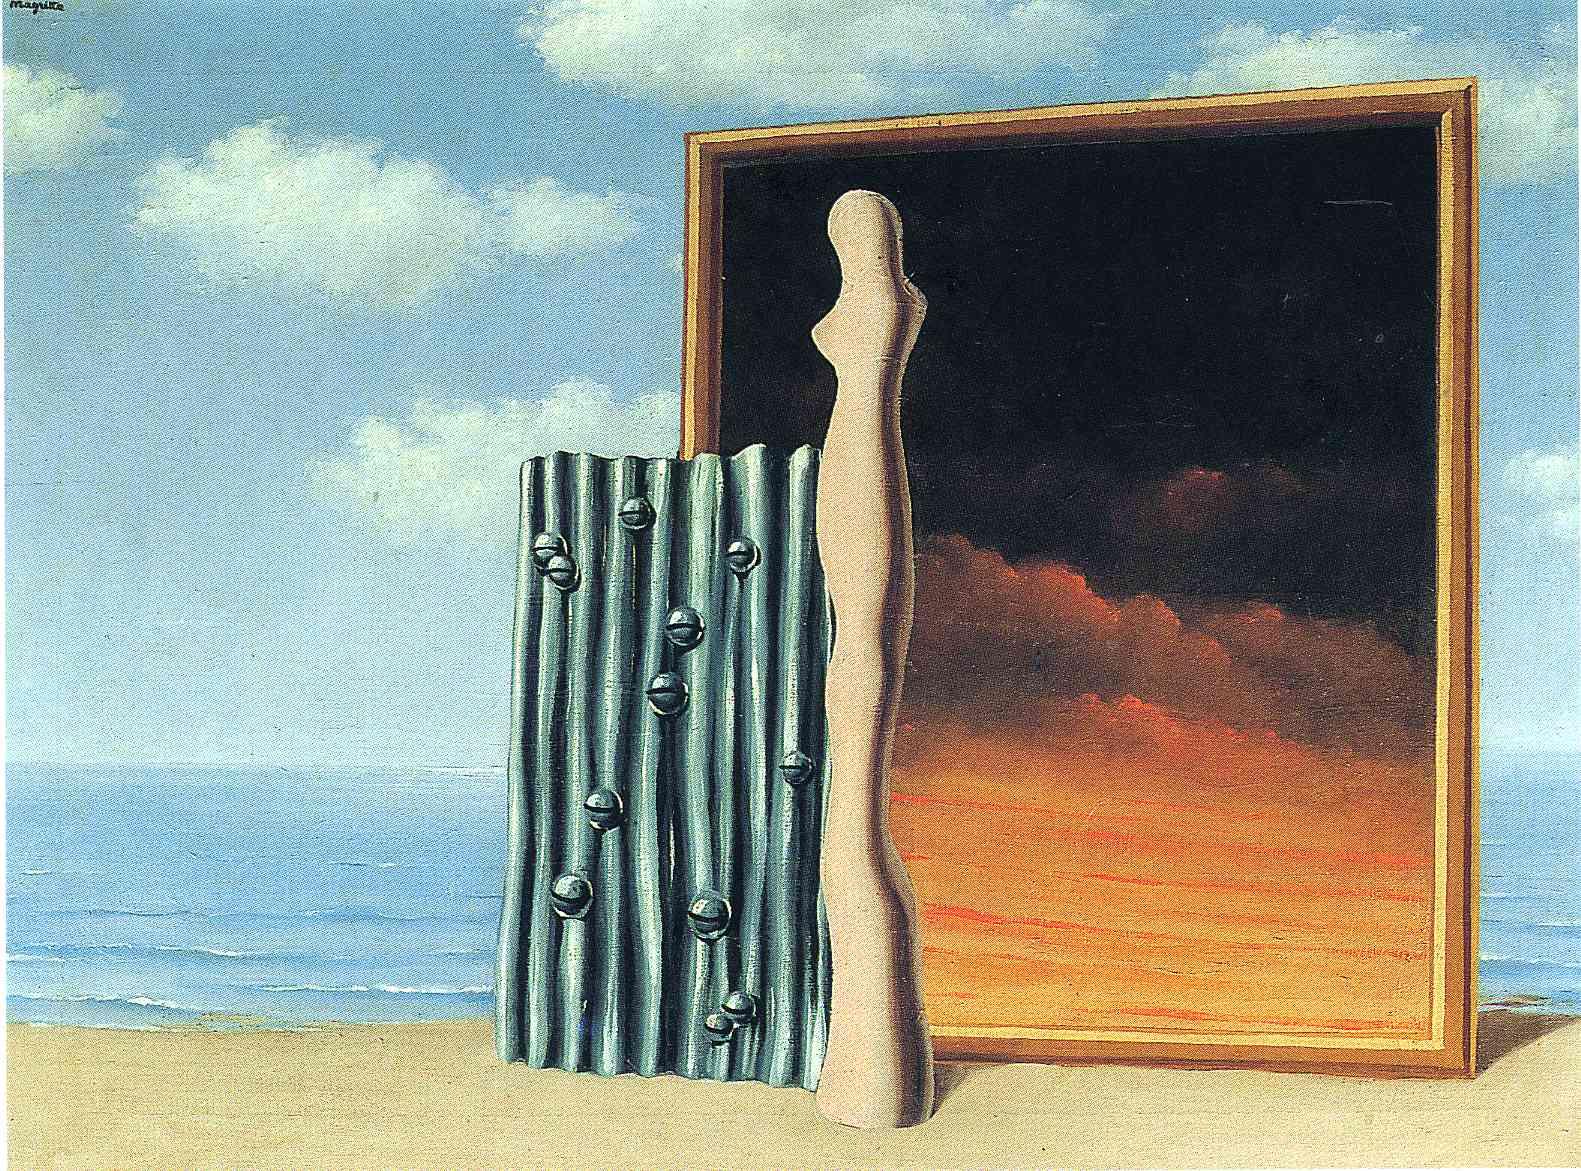 composition-on-a-seashore-1935(1).jpg